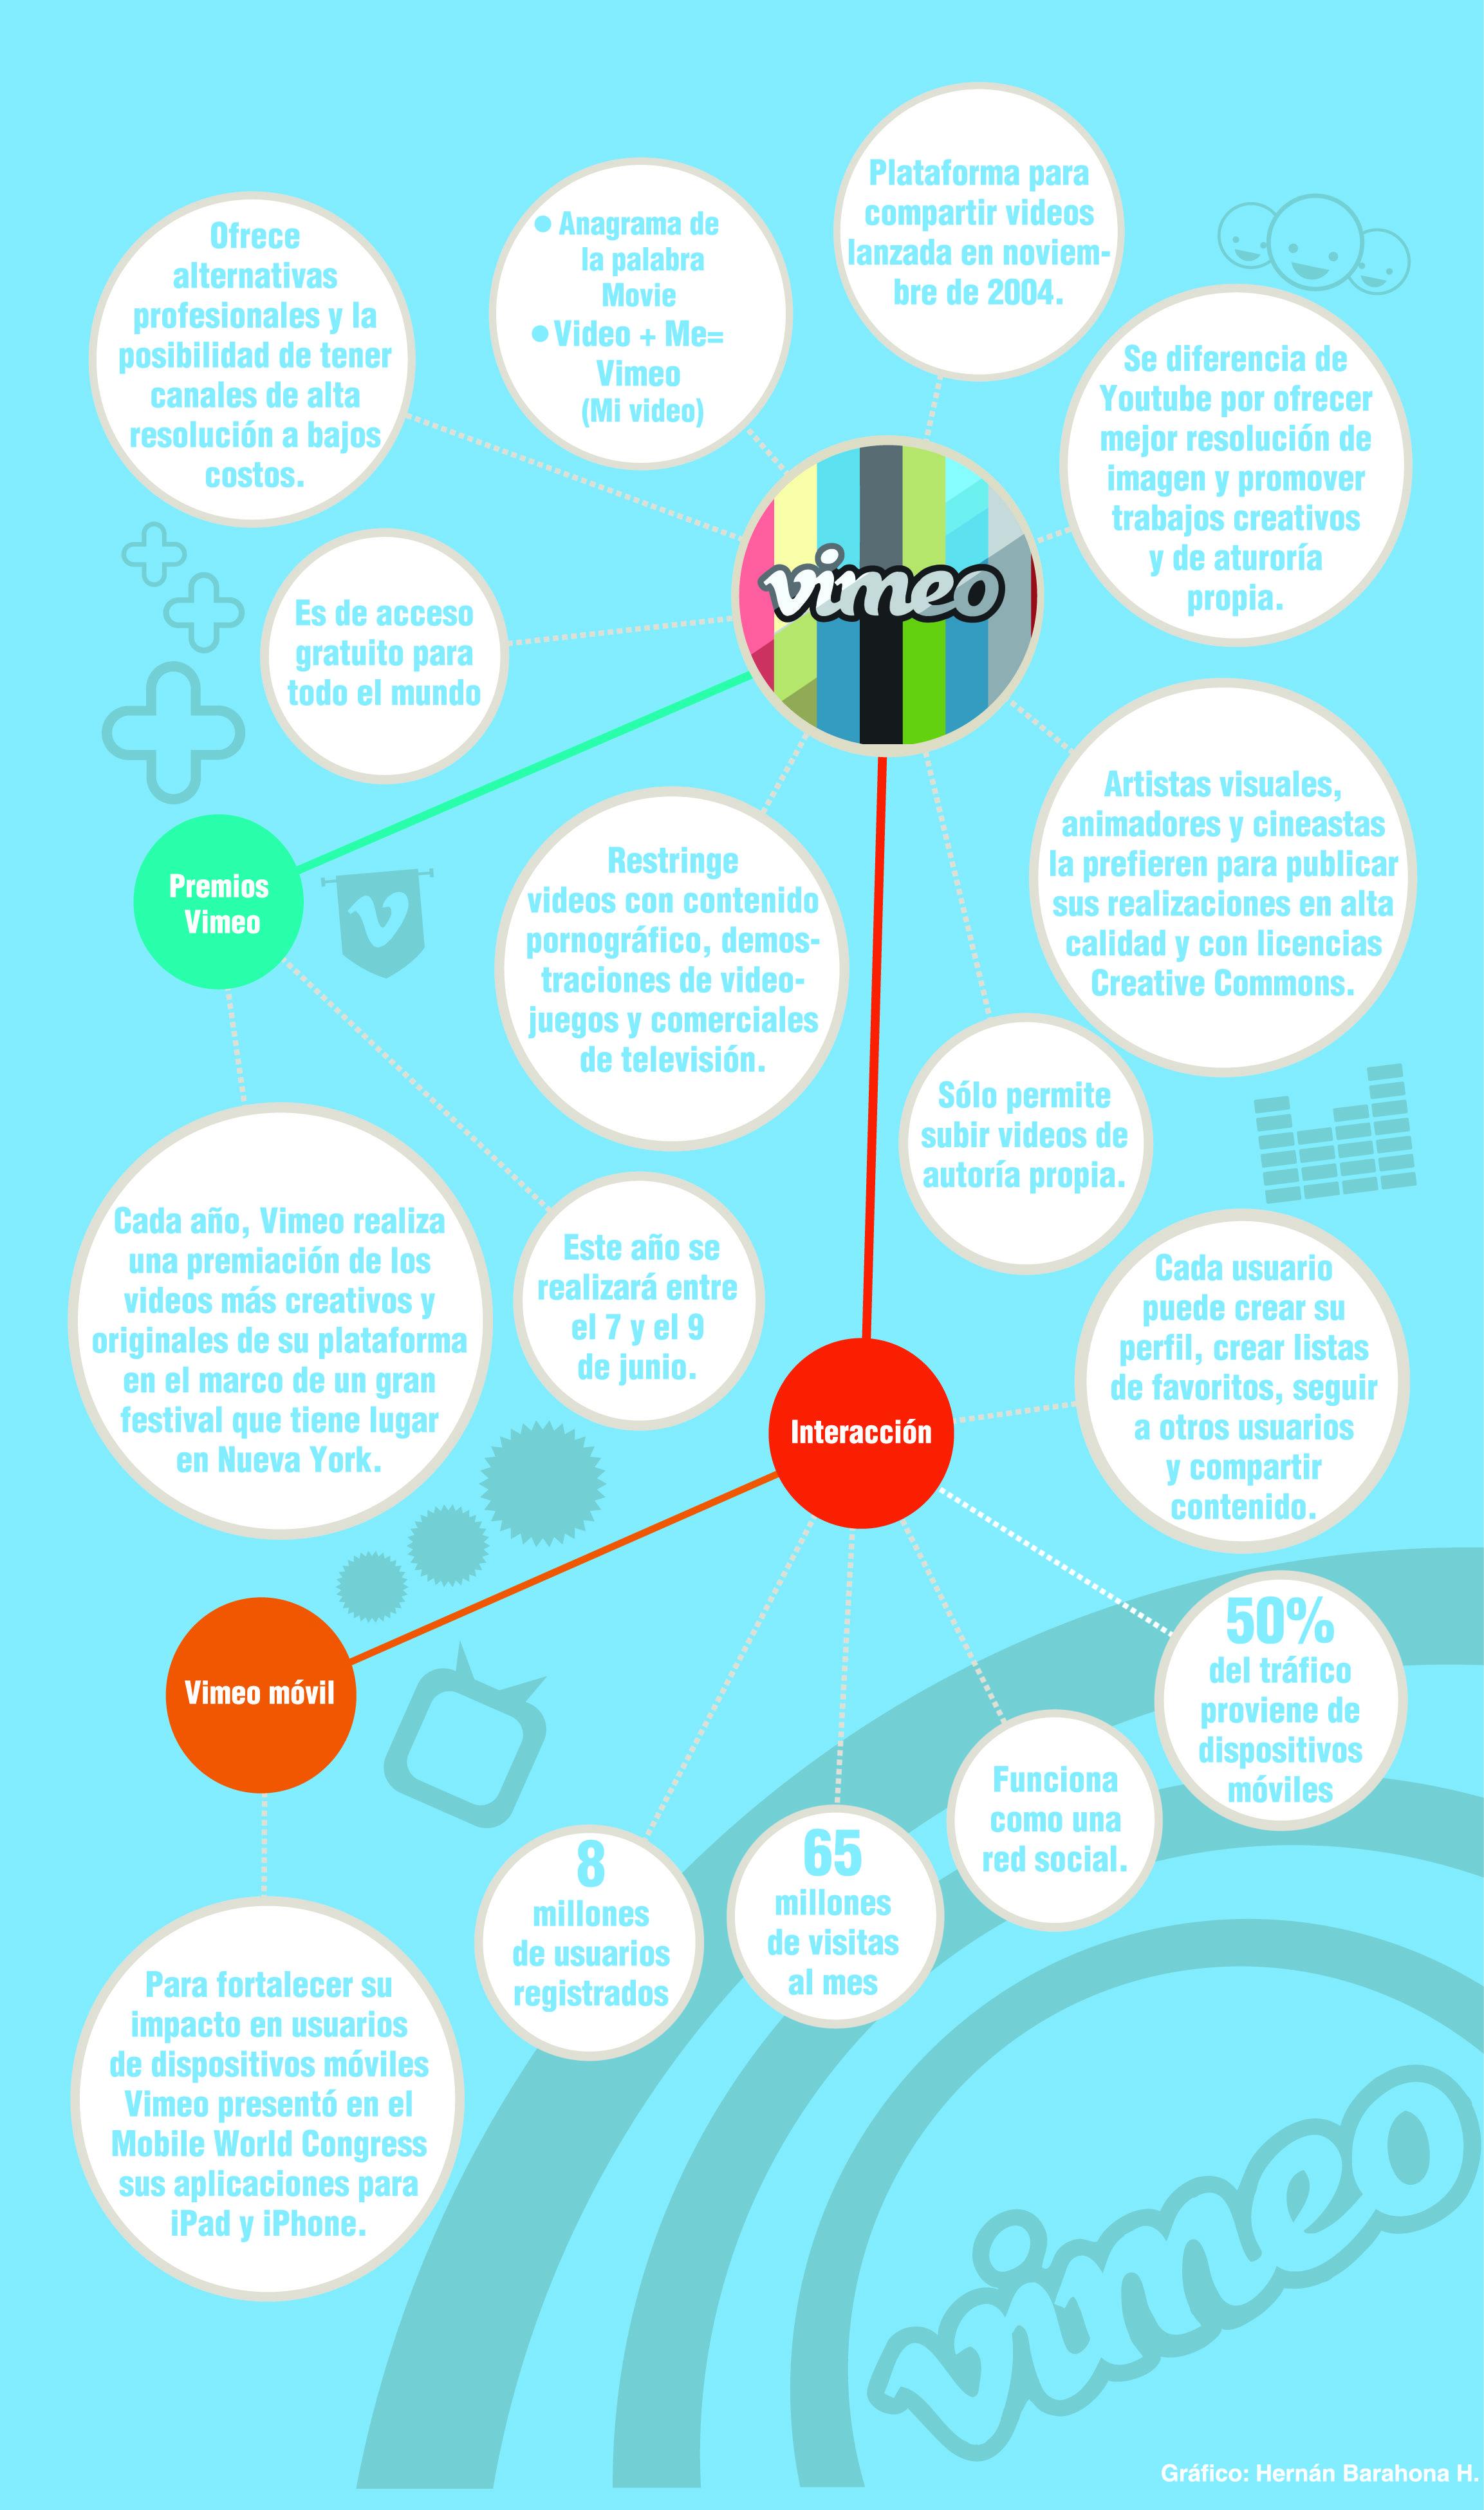 Vimeo Página Publicada El Jueves 19 De Abril Redes Sociales Trabajos Creativos Plataformas